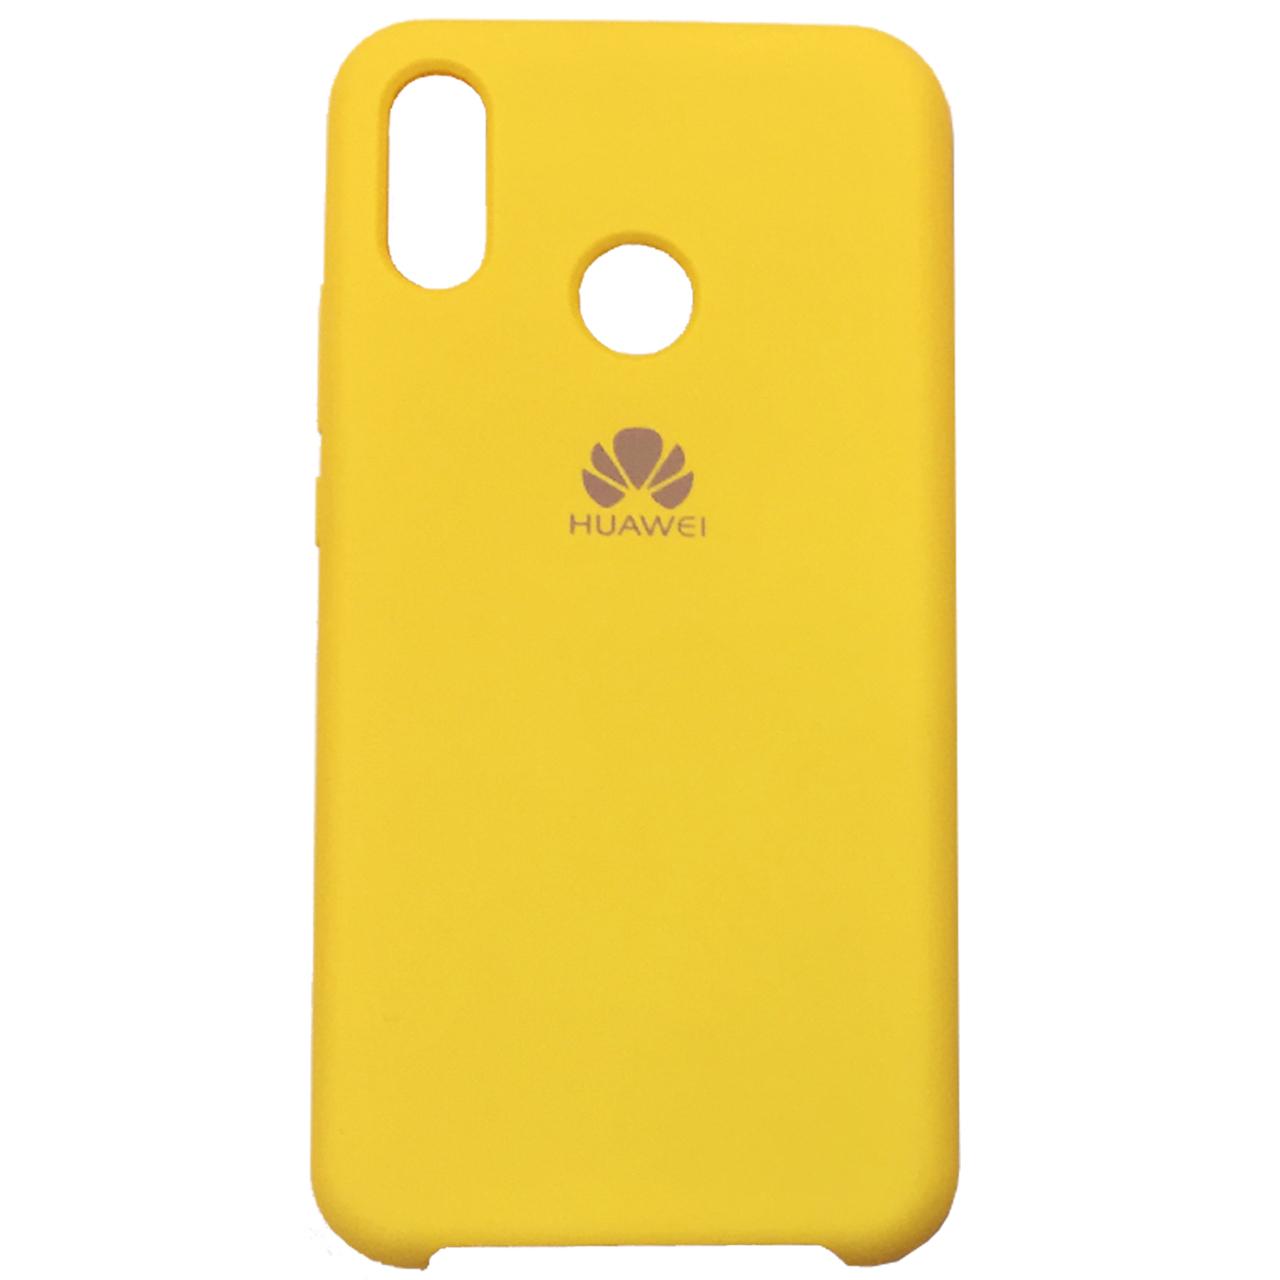 کاور سیلیکونی مدل k298 مناسب برای گوشی موبایل هوآوی nova 3e/p20 lite